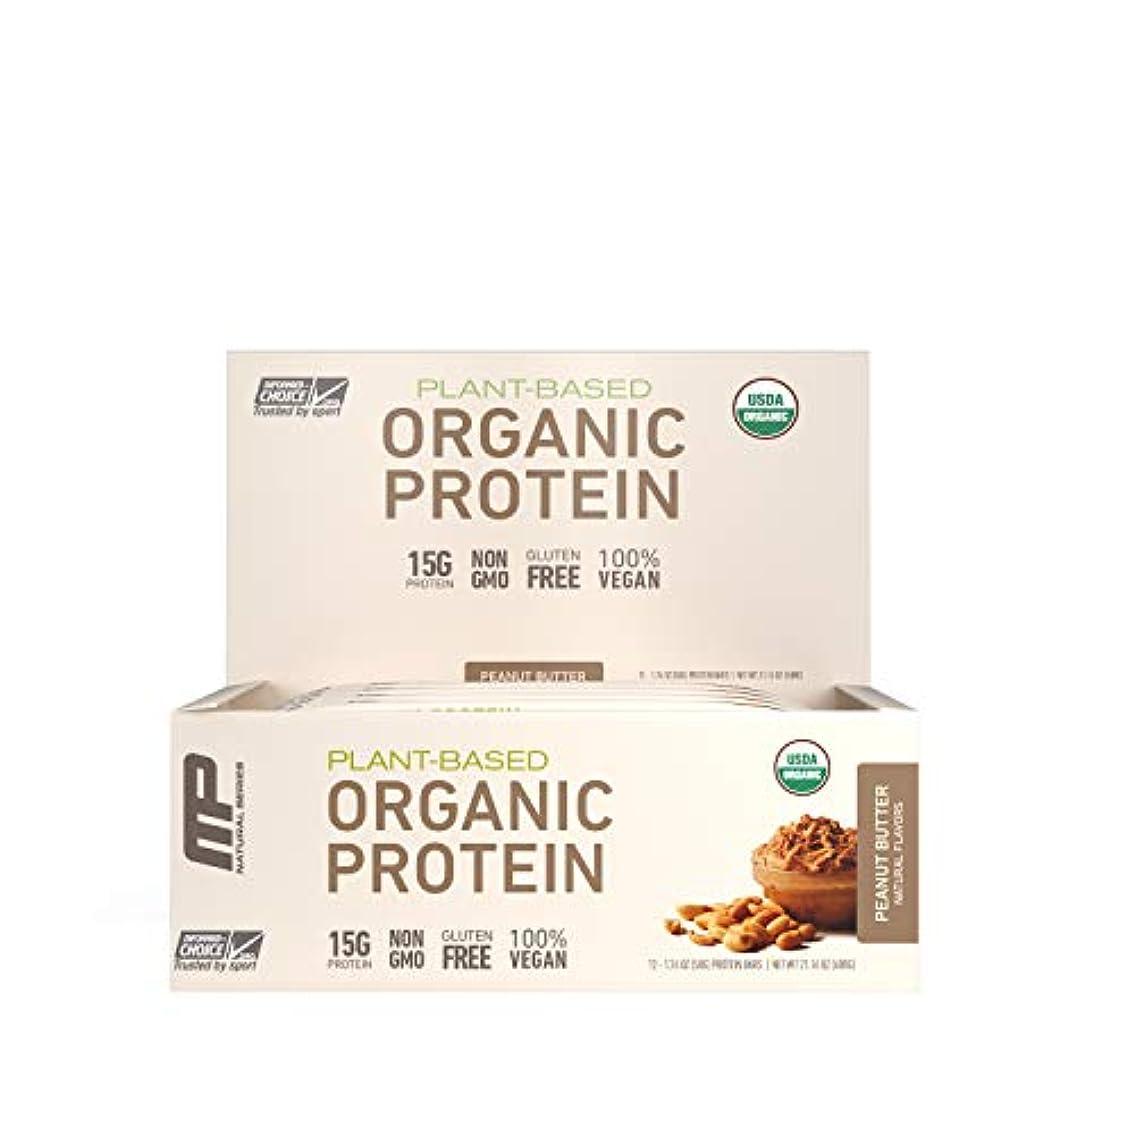 頑丈欠かせない下手MusclePharm Natural オーガニック?プロテインバー(ピーナッツバター味12本) (600 g) 海外直送品